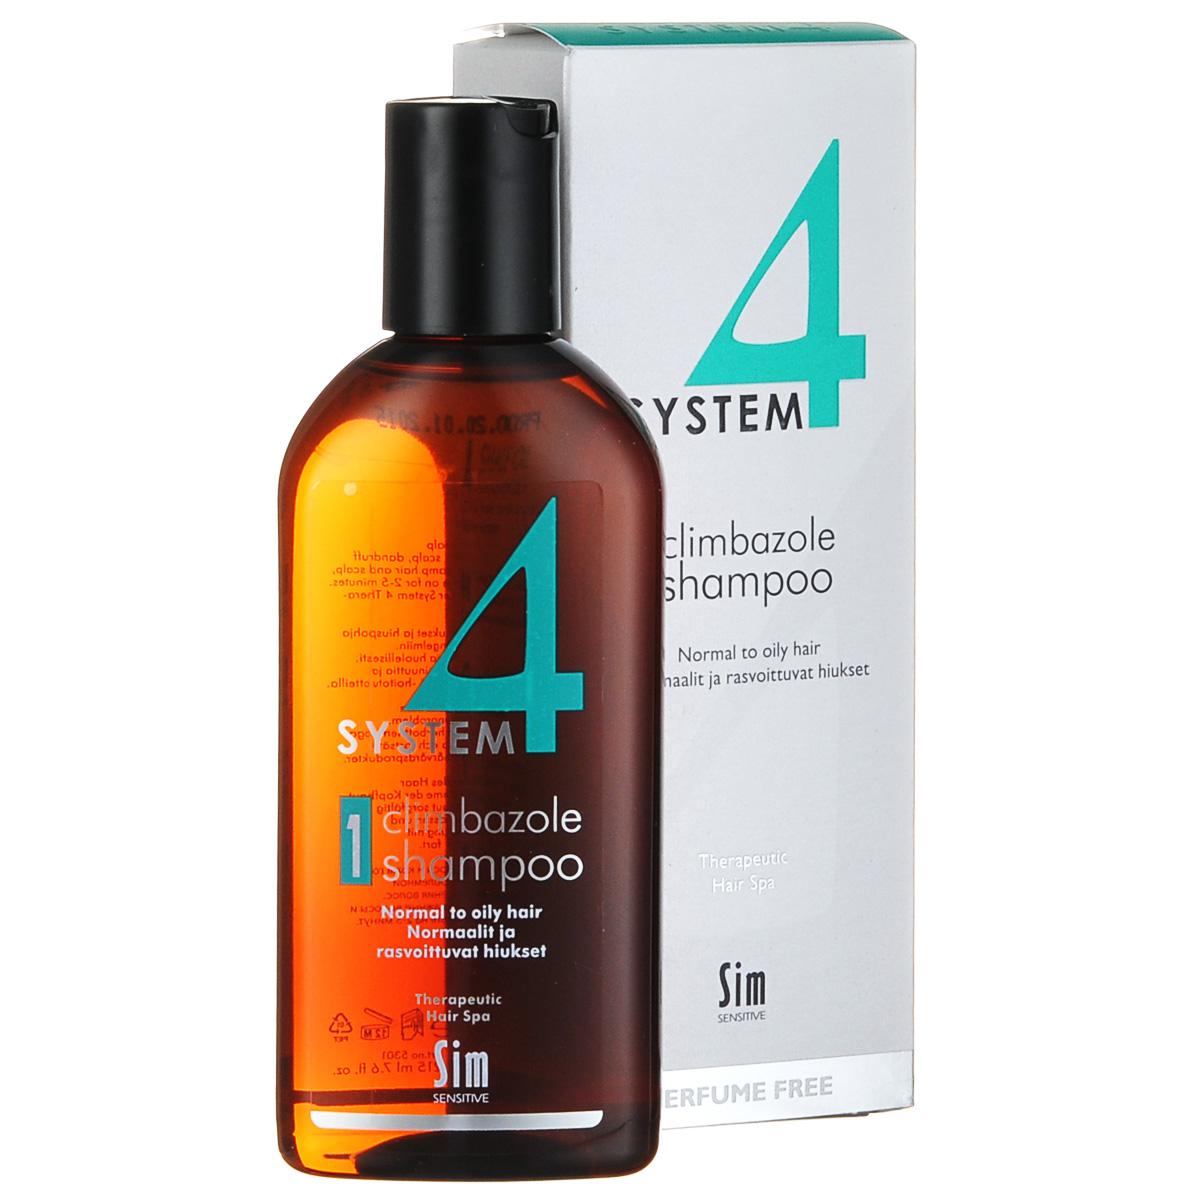 SIM SENSITIVE Терапевтический шампунь № 1 SYSTEM 4 Climbazole Shampoo 1, 215 мл5301КАК РАБОТАЕТ:климбазол и пироктон оламин убивают грибок и восстанавливают микрофлоры кожи головы. Салициловая кислота активно очищает кожуголовы, ундециленовая кислота нормализует работу сальных желез.Рапсовое масло увлажняет кожу головы, не засаливая ее, так что волосы дольше сохраняют свежесть. Розмарин и ментол охлаждают и успокаивают, а гидролизованный коллаген активизирует обменныепроцессы в коже головы. БОРЕТСЯ С: зудом и раздражением кожи головыизбыточным выделением кожного сала (себореей) перхотью